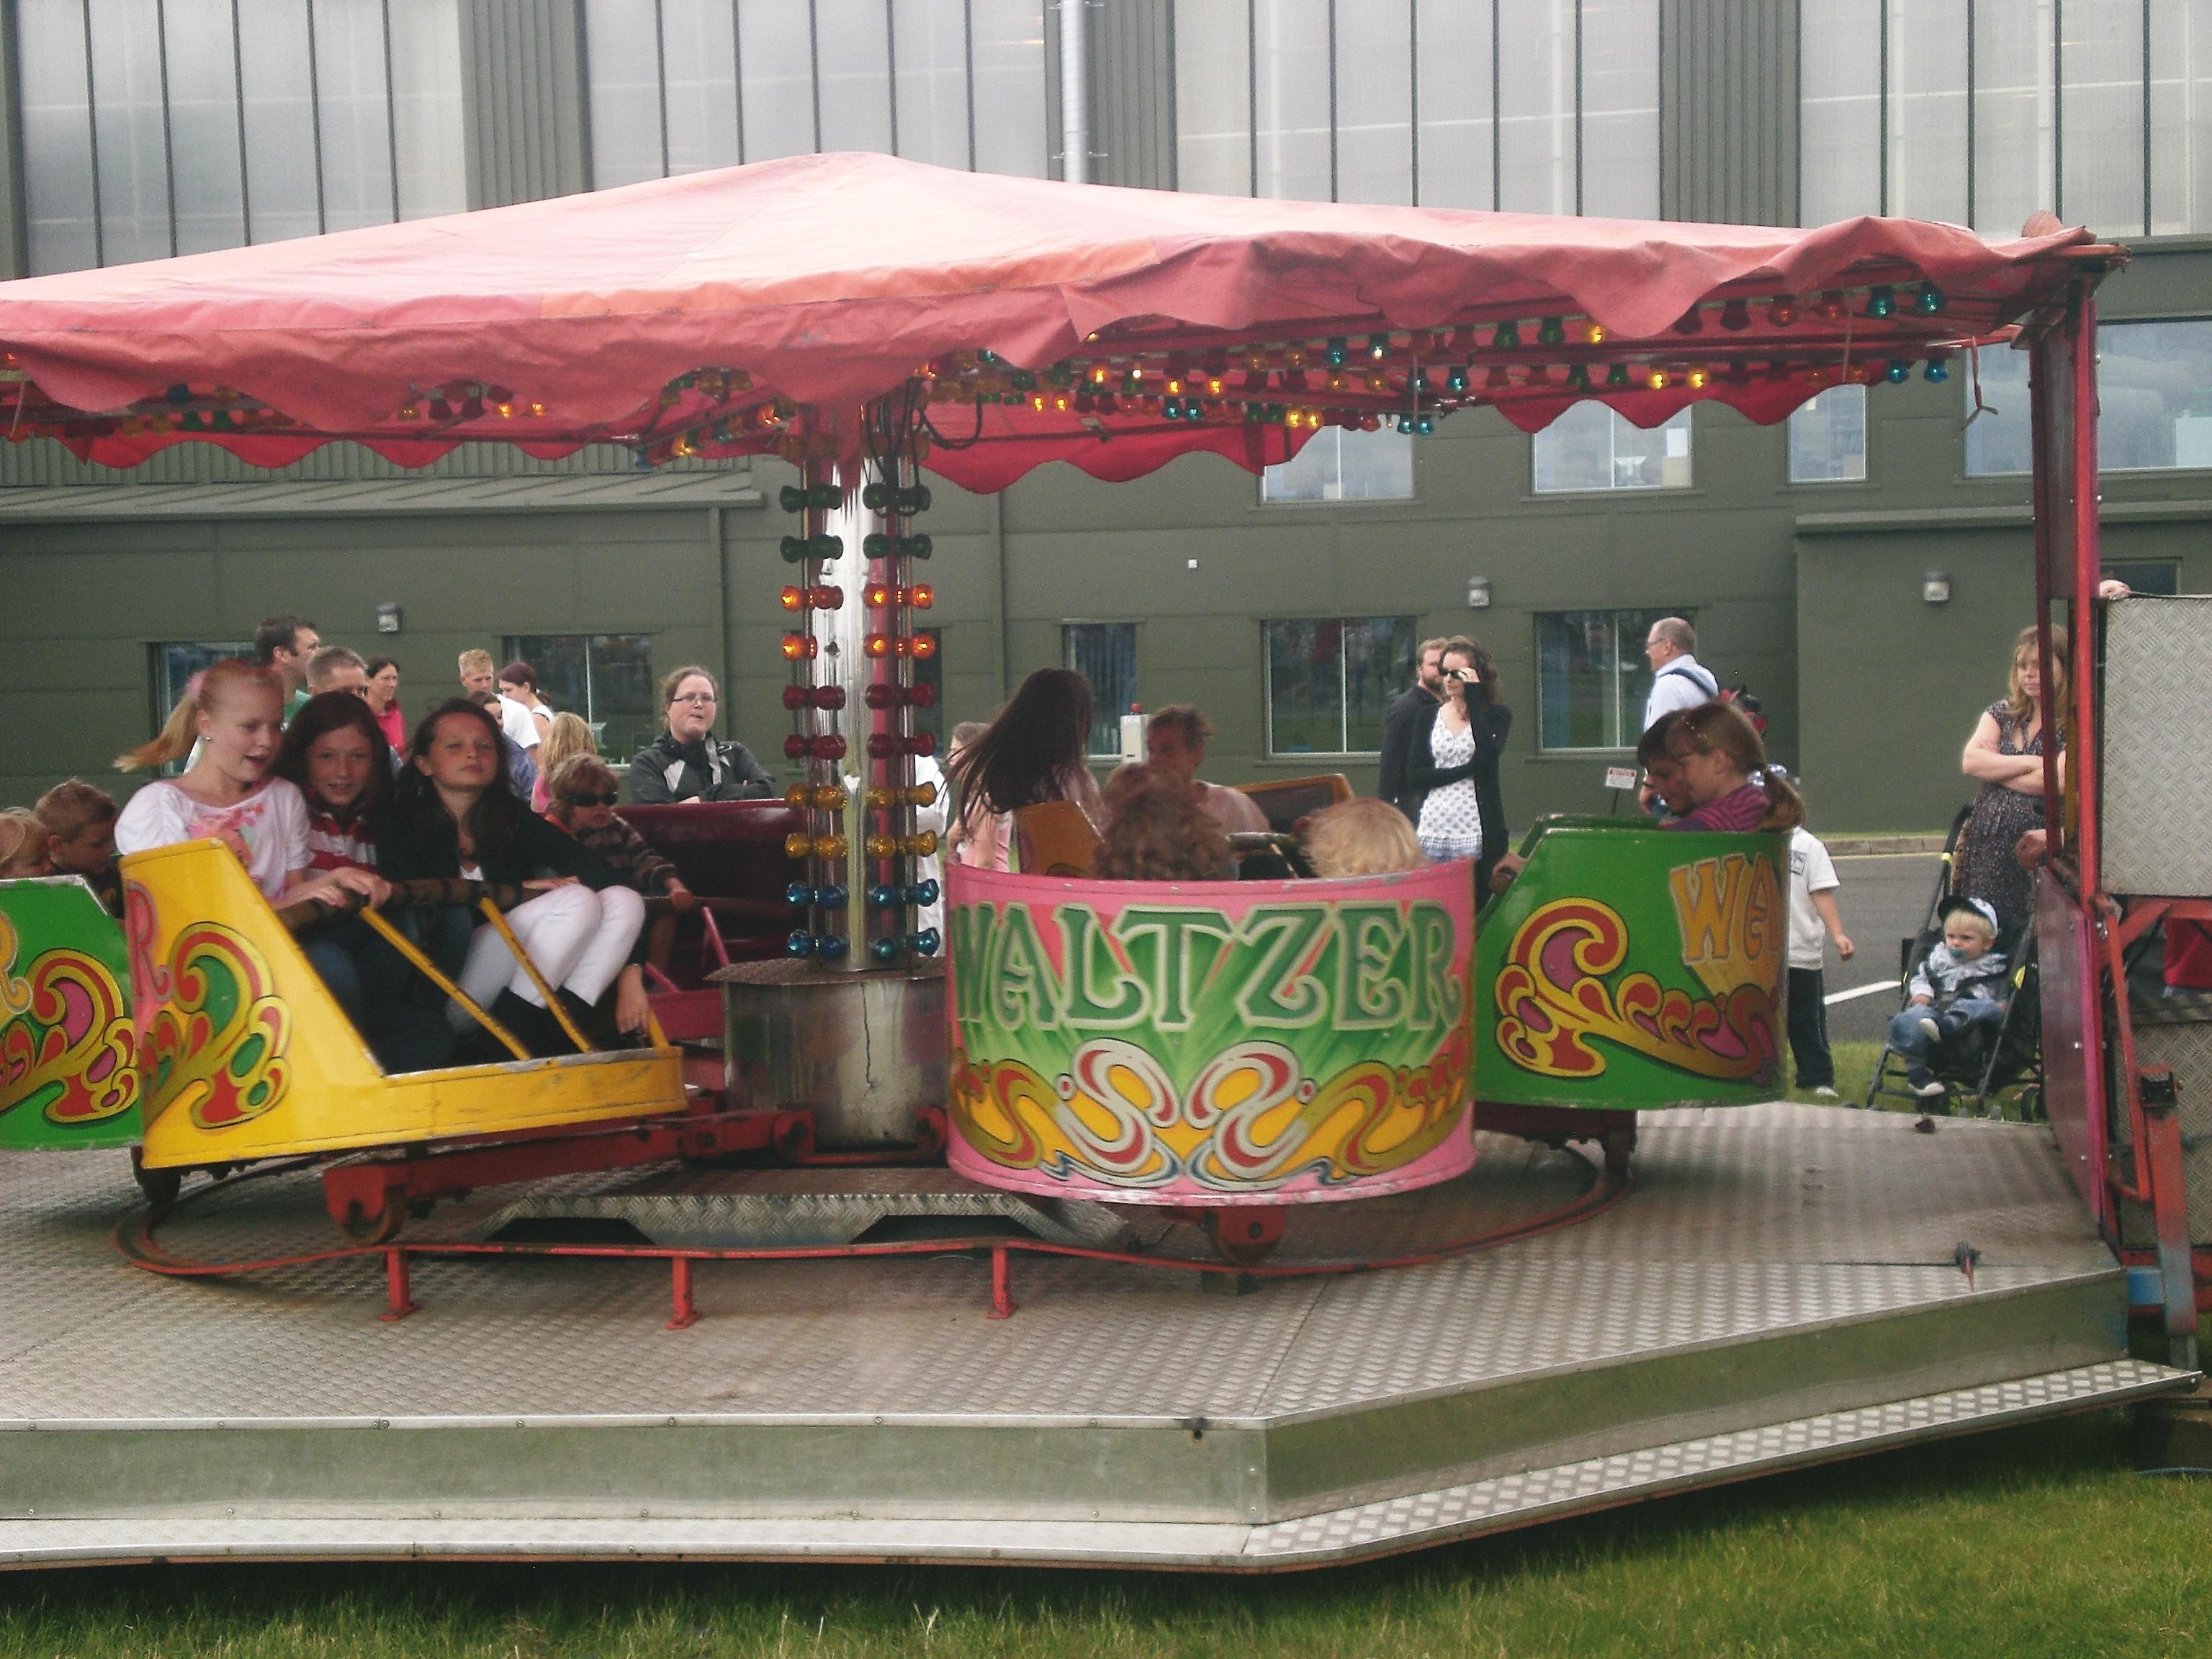 Children S Funfair Amp Fairground Rides For Hire Events With A Difference Events With A Difference